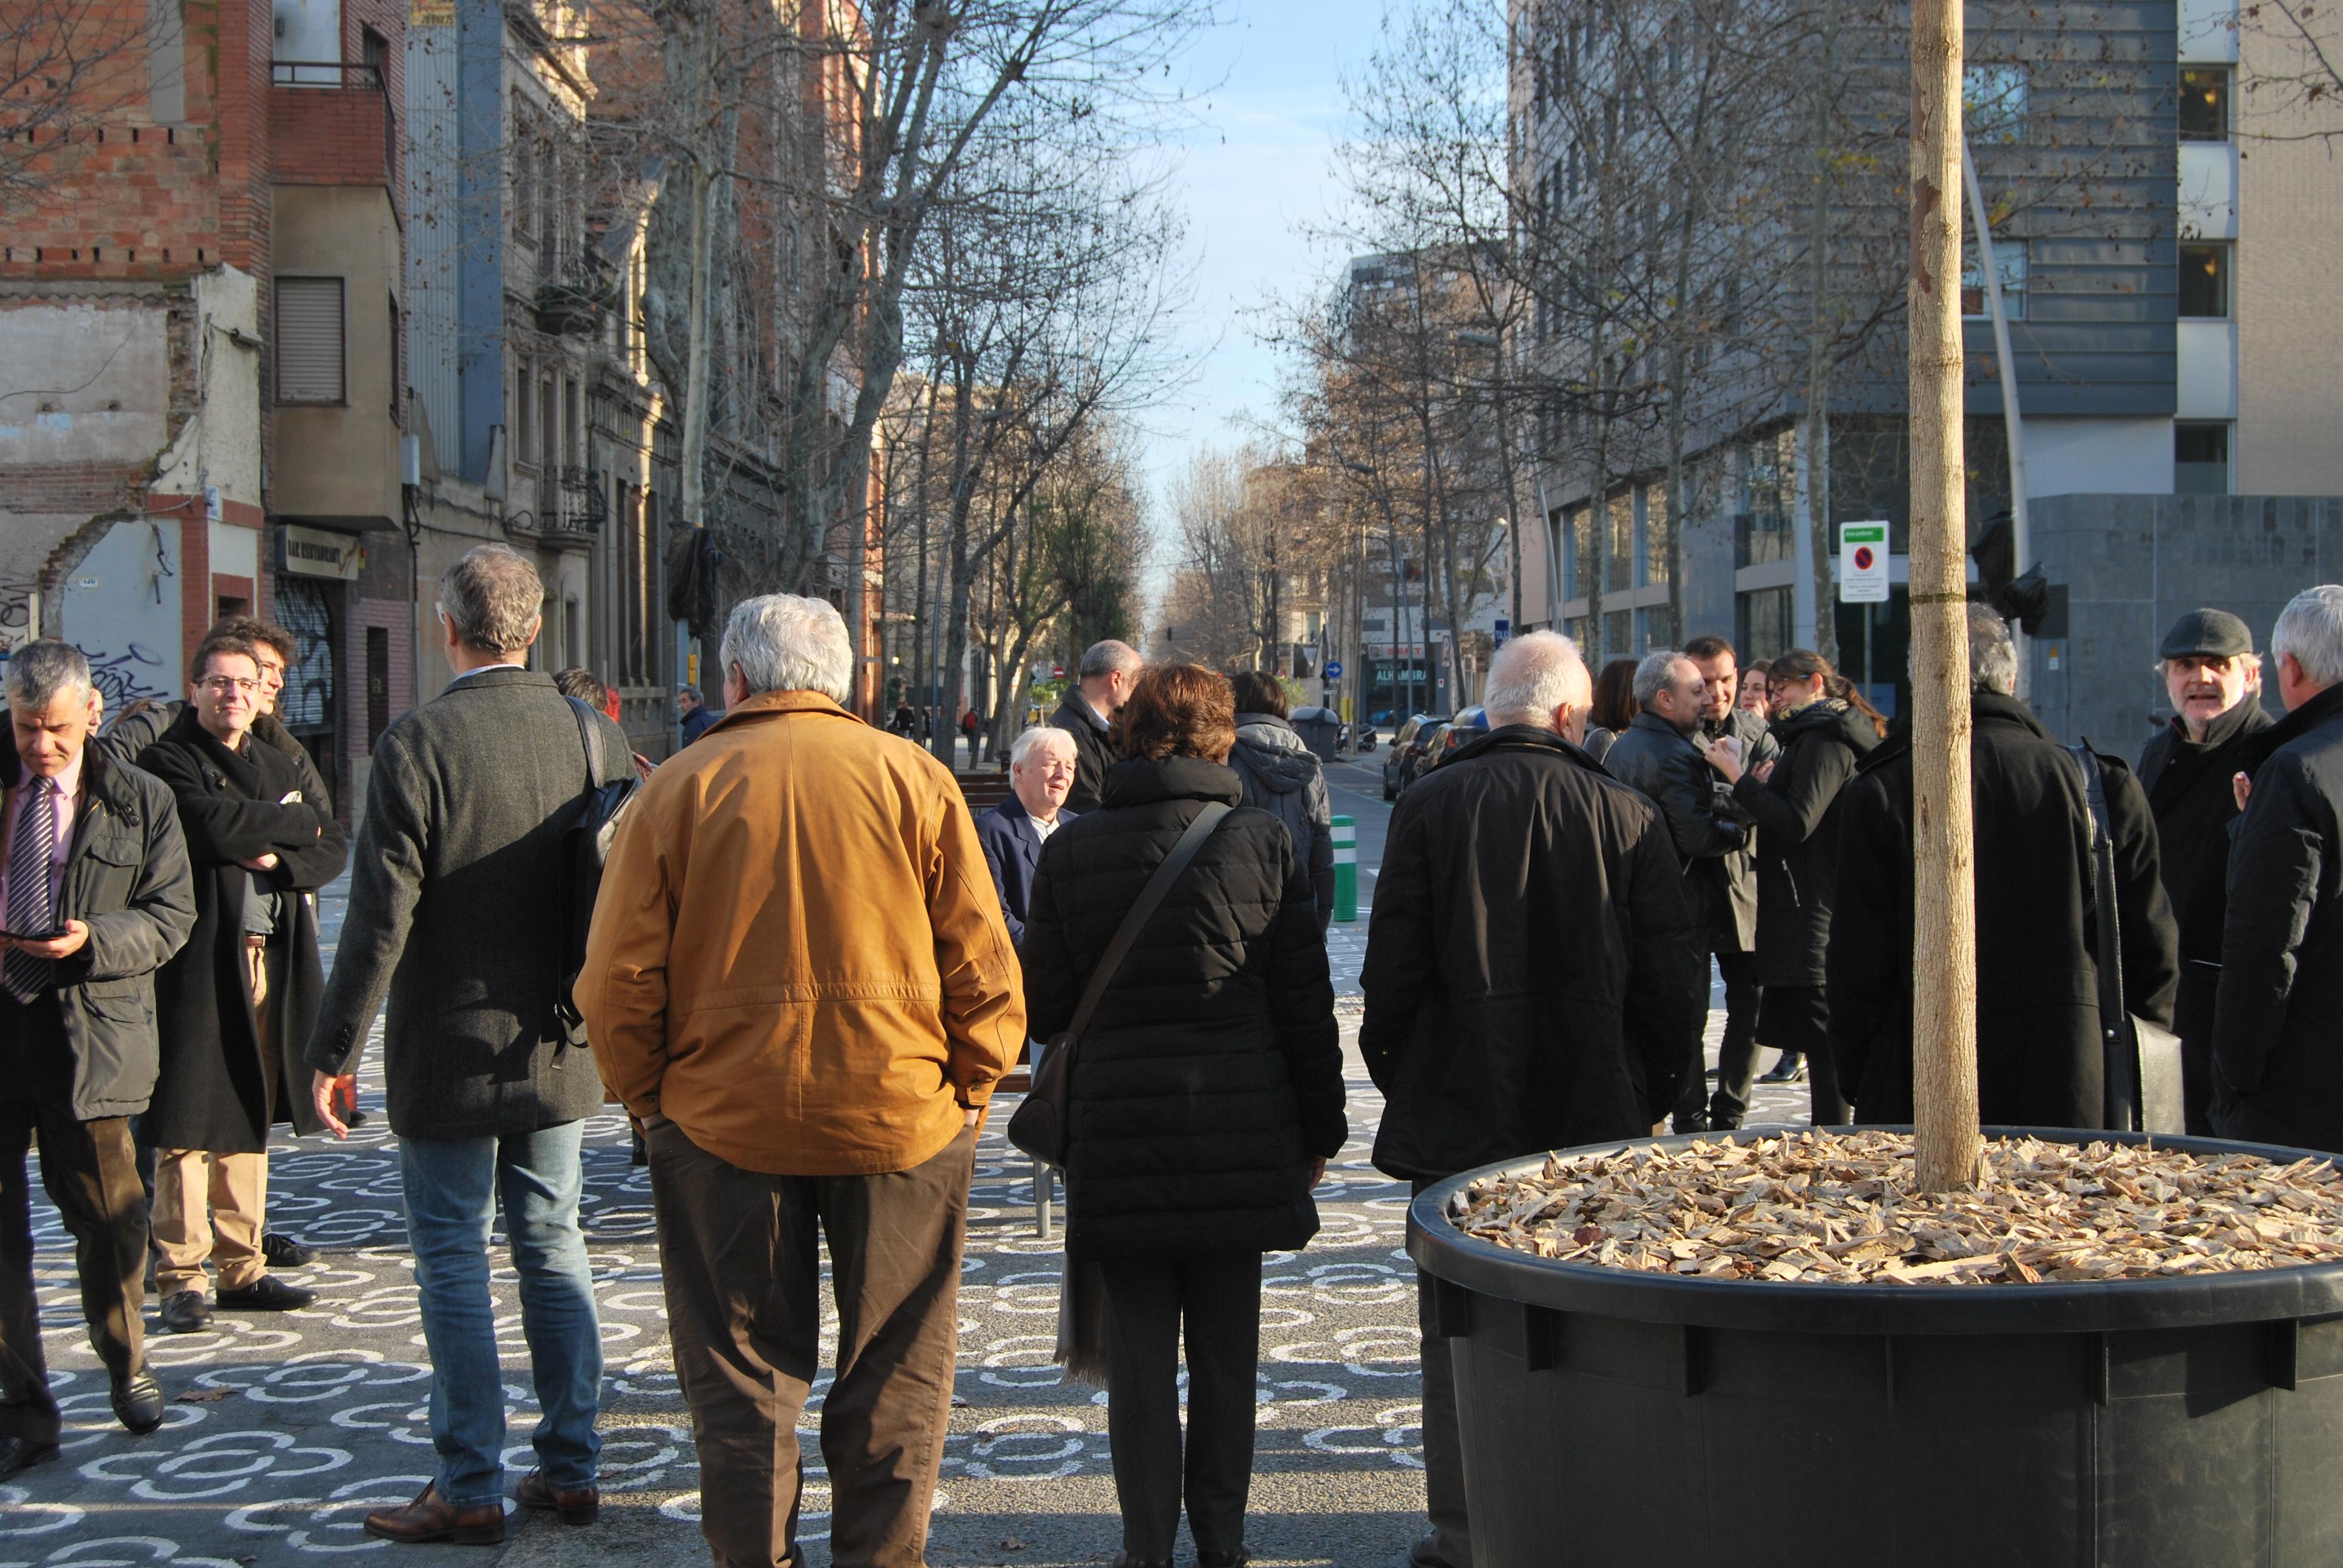 Visita a la supermanzana del Poblenou a cargo de Ton Salvadó, Director de Modelo Urbano del Ayuntamiento de Barcelona